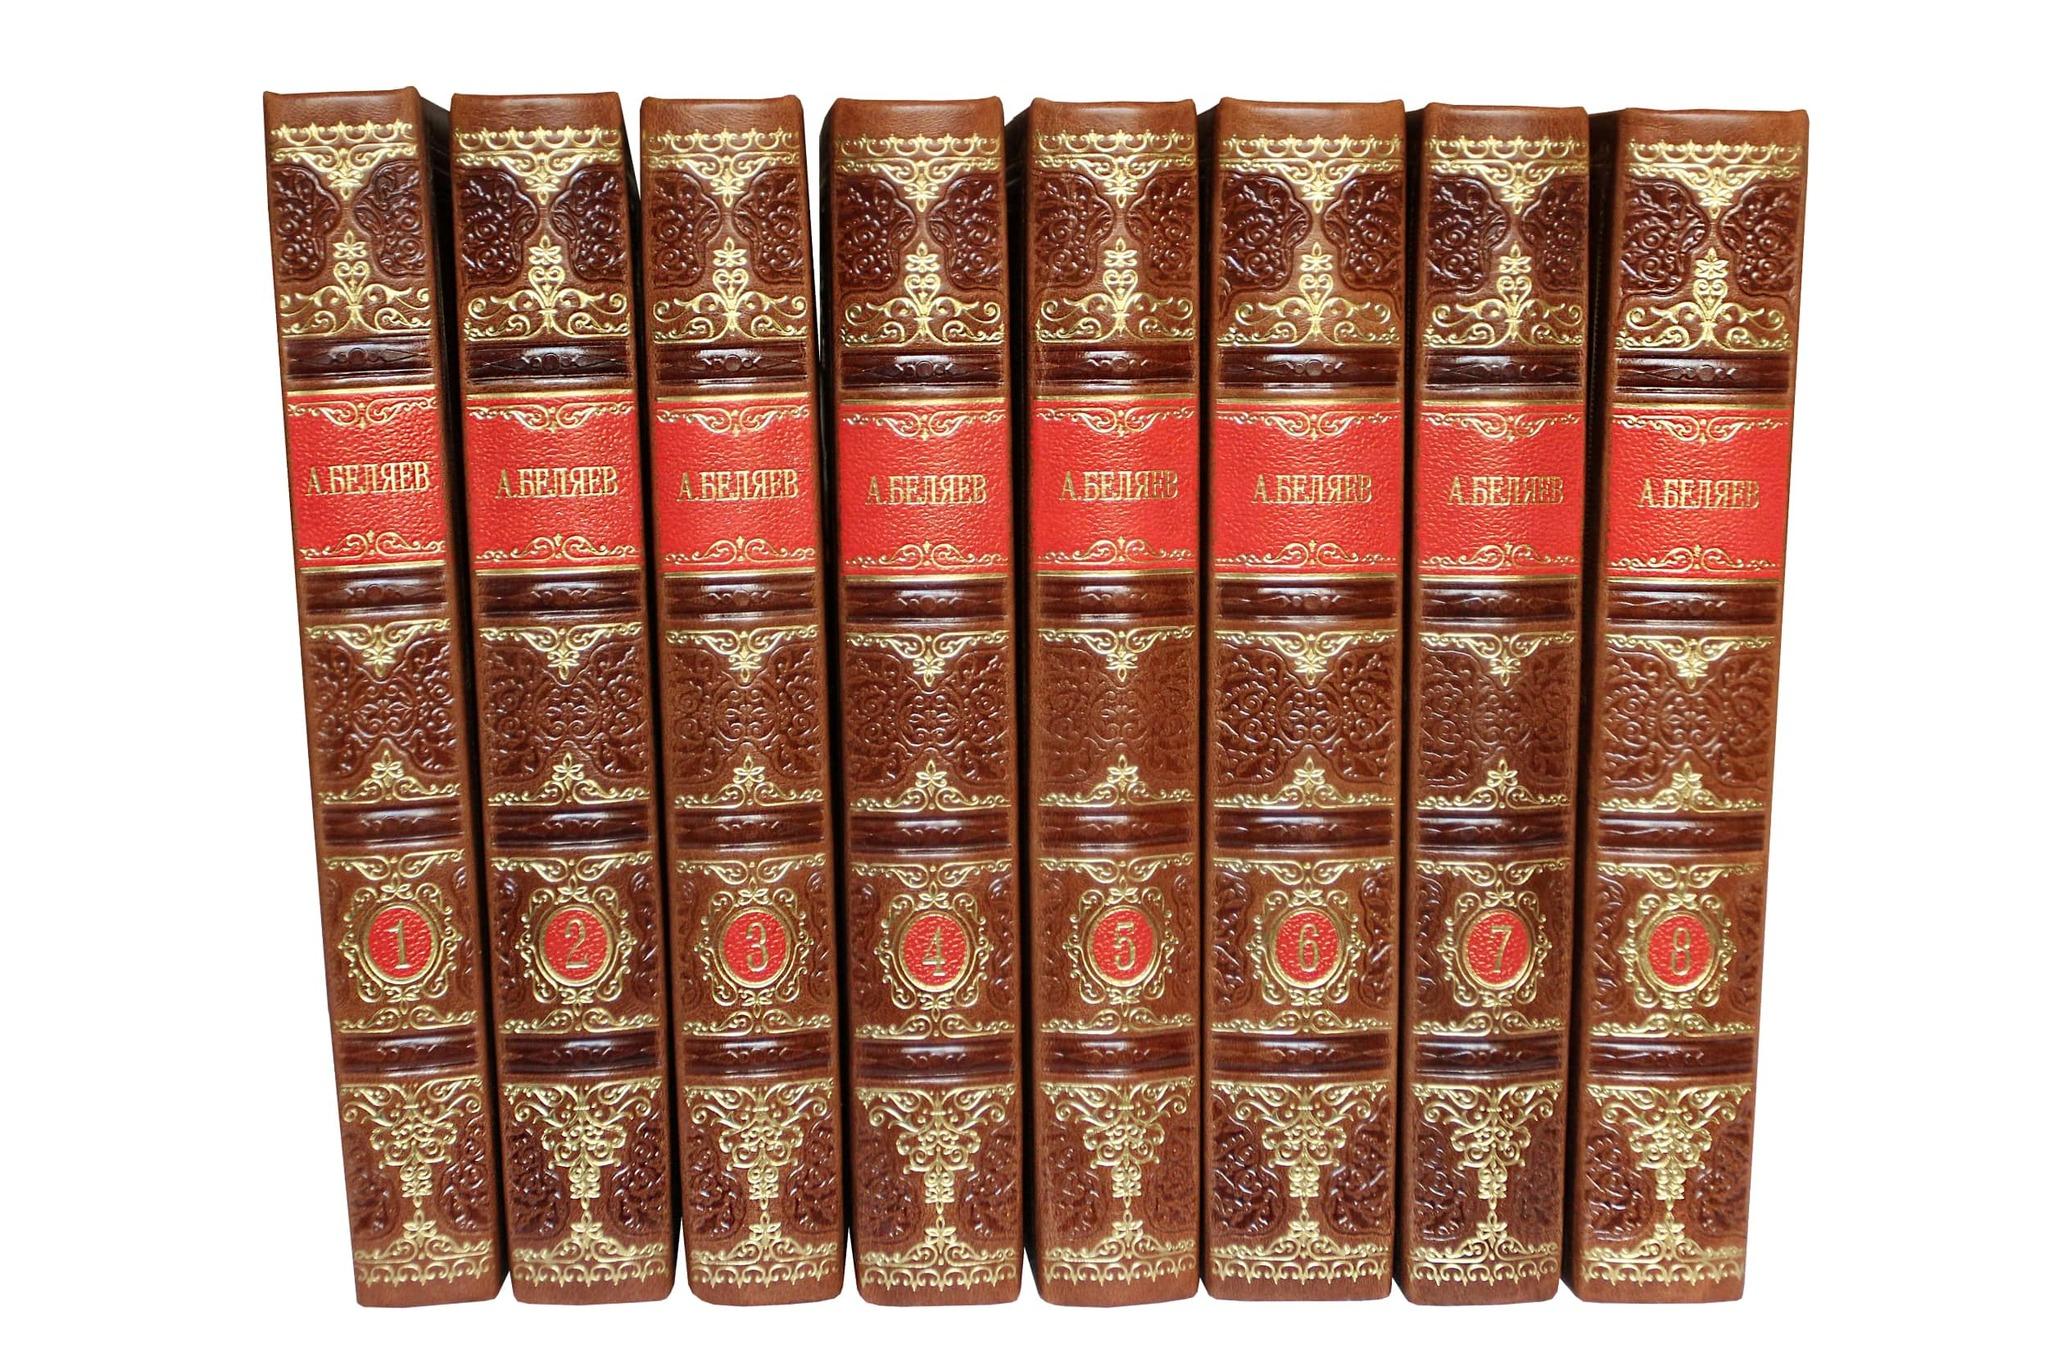 Беляев А. Собрание сочинений в 8 томах